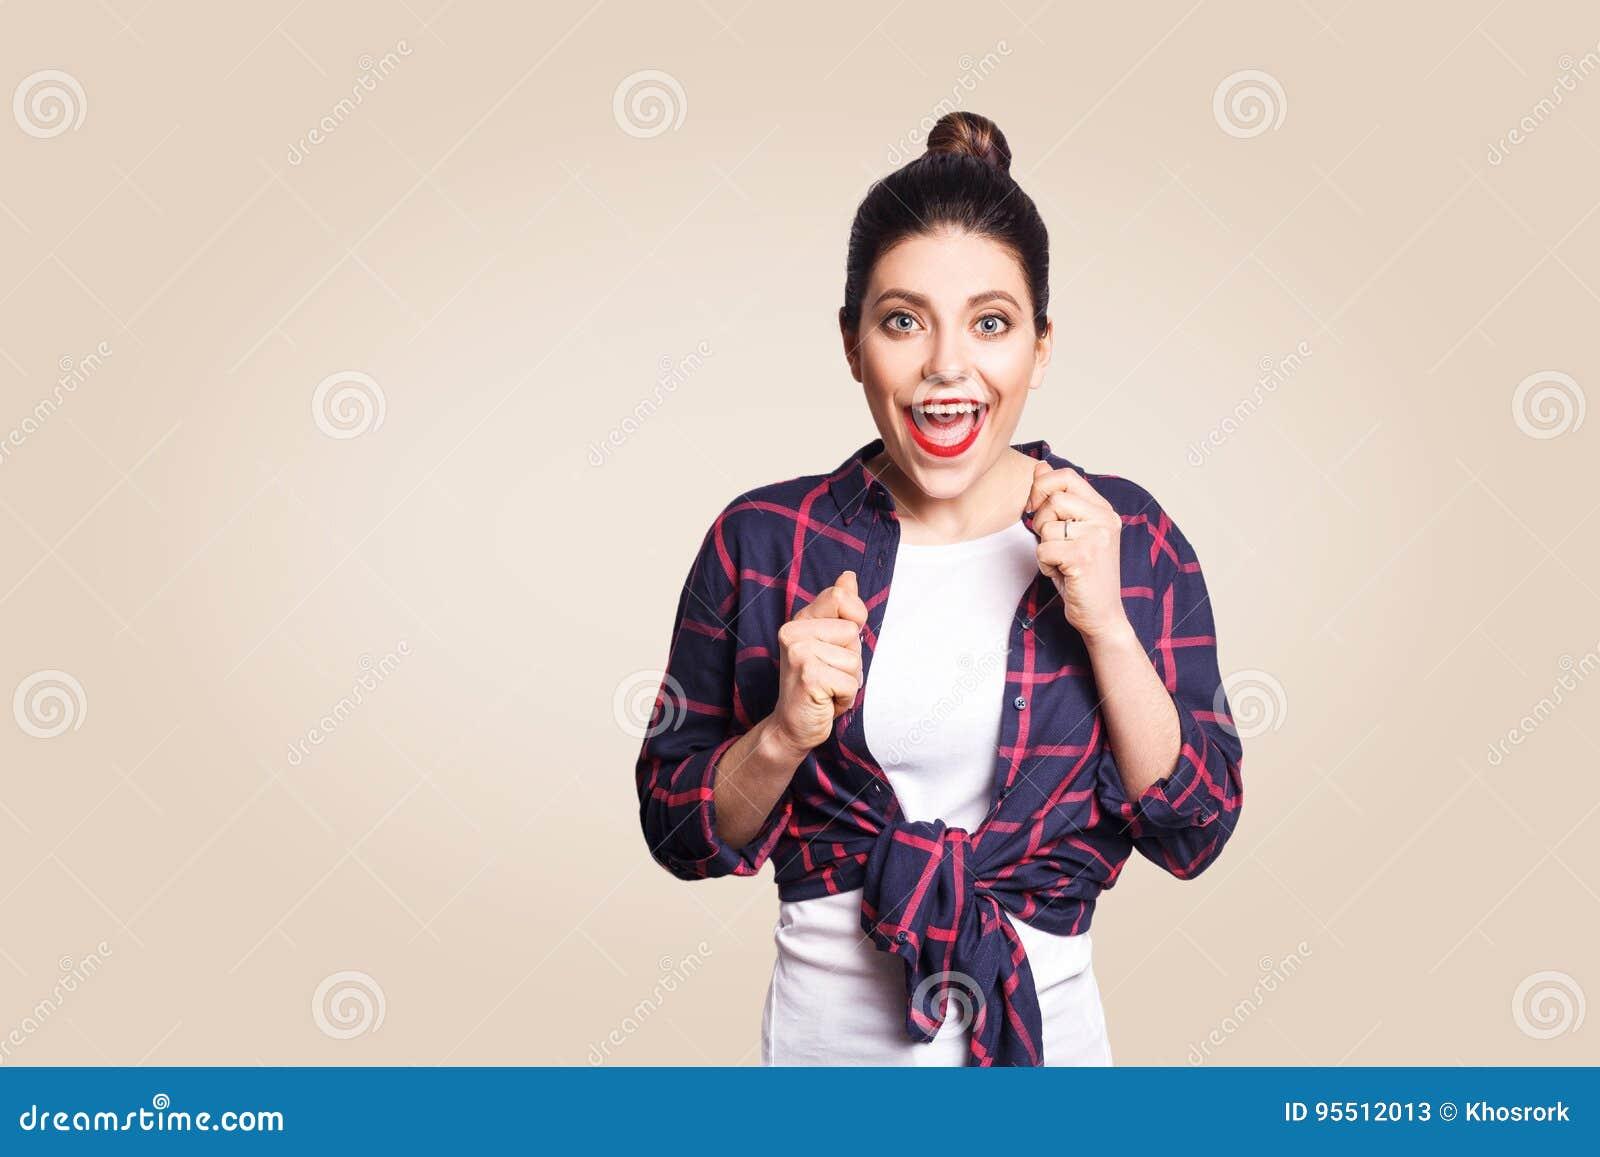 Το πορτρέτο του όμορφου κοριτσιού που έχει τη νίκη και την ευτυχή έκφραση του προσώπου, αναφωνώντας με τη χαρά, κράτηση παραδίδει